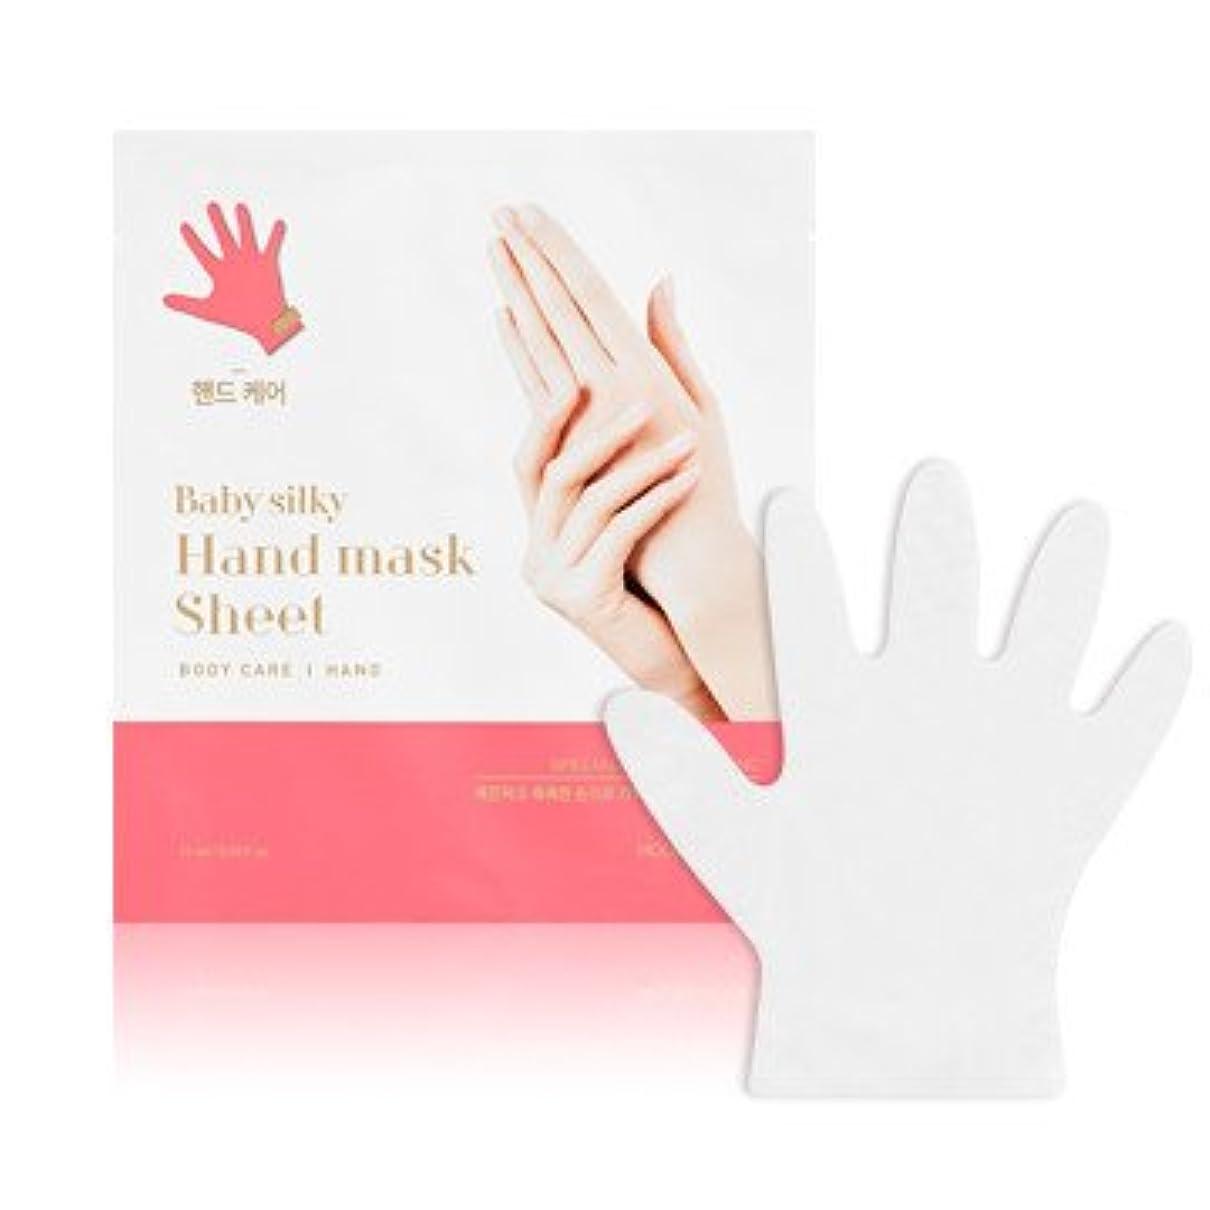 理論恋人大宇宙[Holika Holika/ホリカホリカ] ベビーシルキーハンド マスクシート ?しっとり?/ Baby Silky hand Mask Sheet 6EA [並行輸入品]